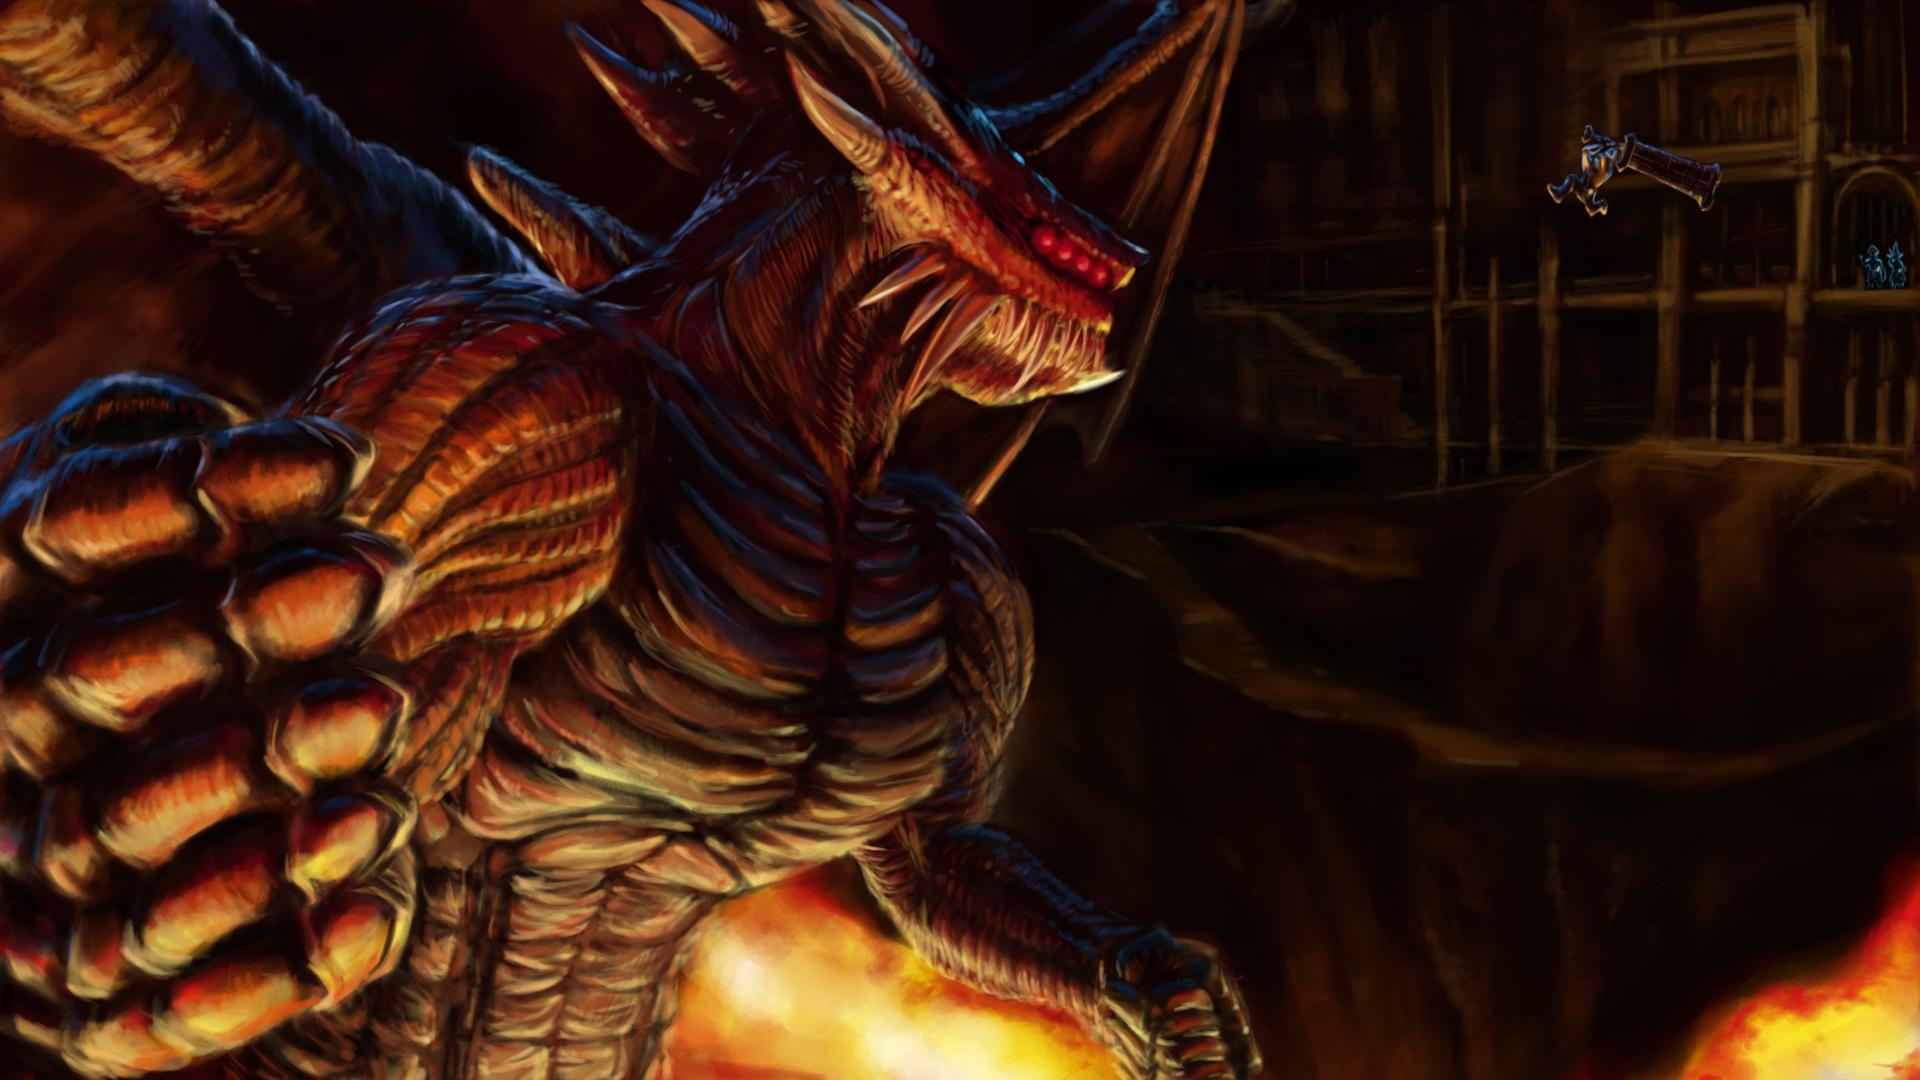 Dragon King Demon Souls - HD Wallpaper